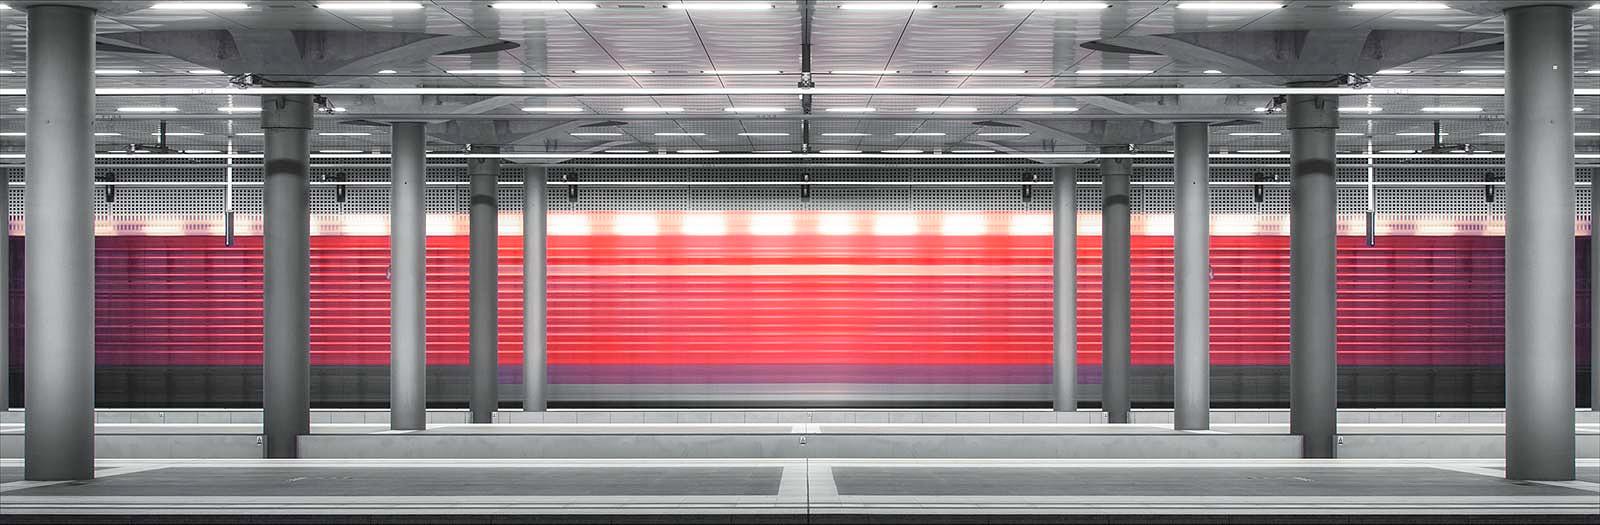 Non-stop III by Markus Studtmann